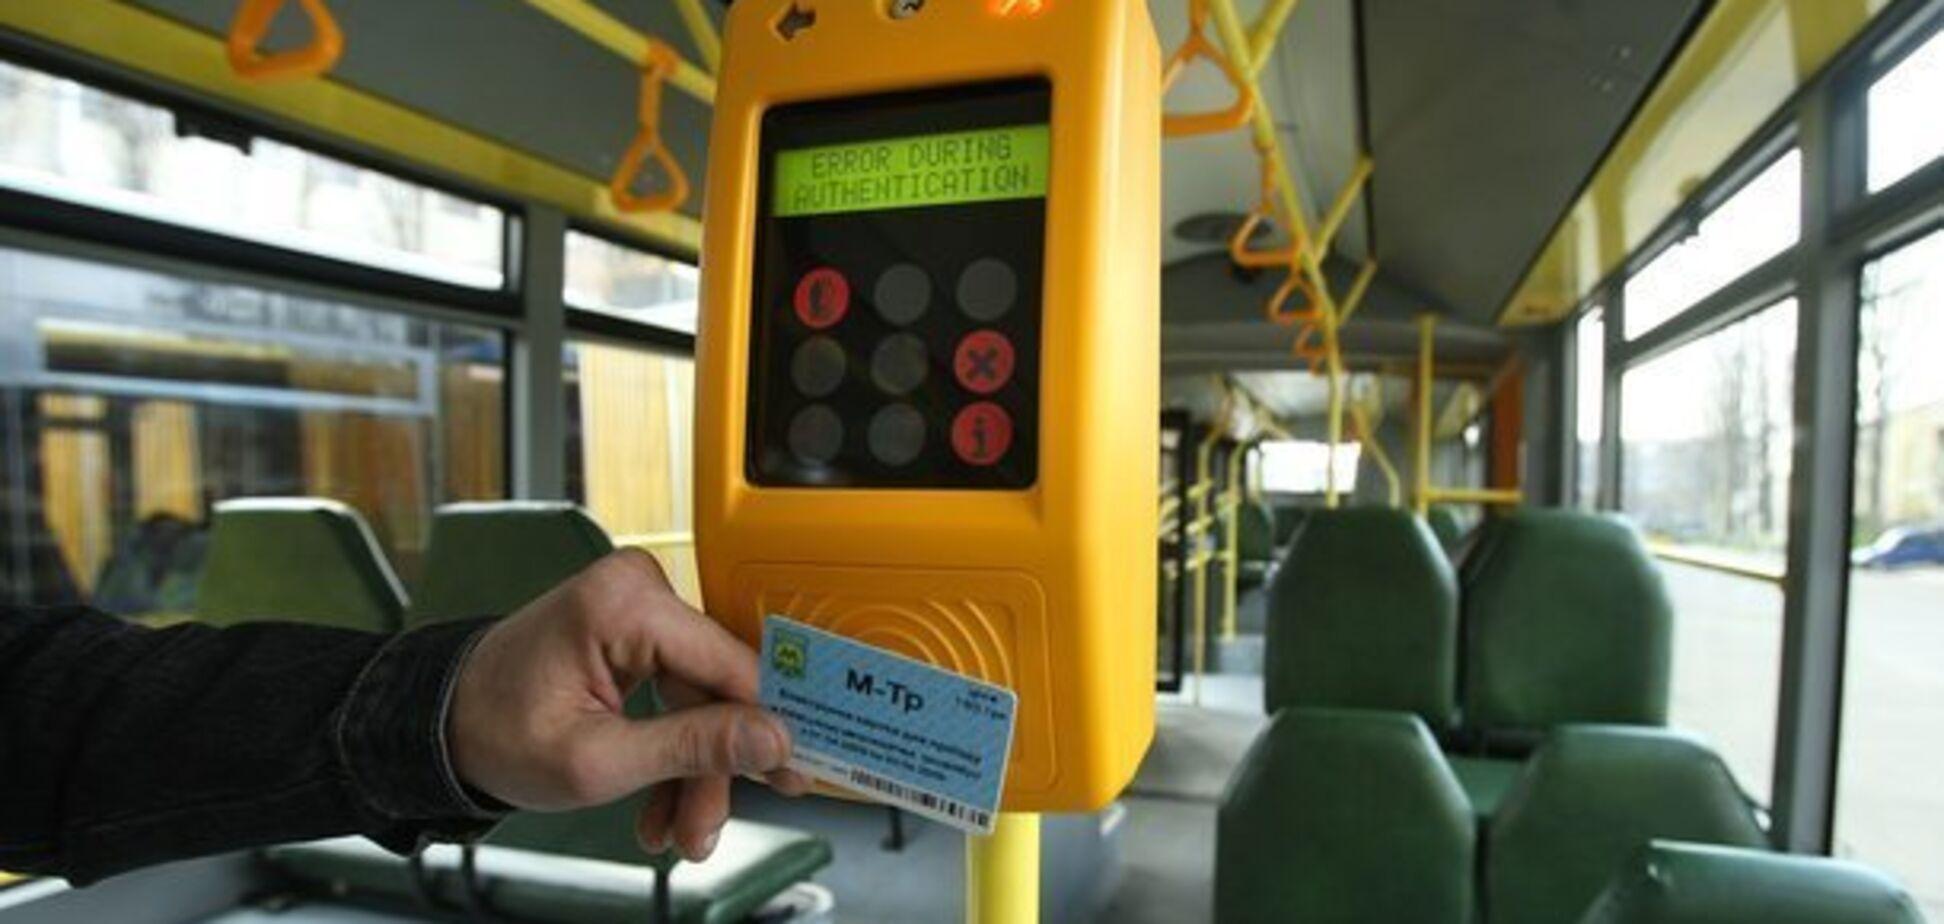 Транспорт в Киеве переходит на е-билет: как теперь платить